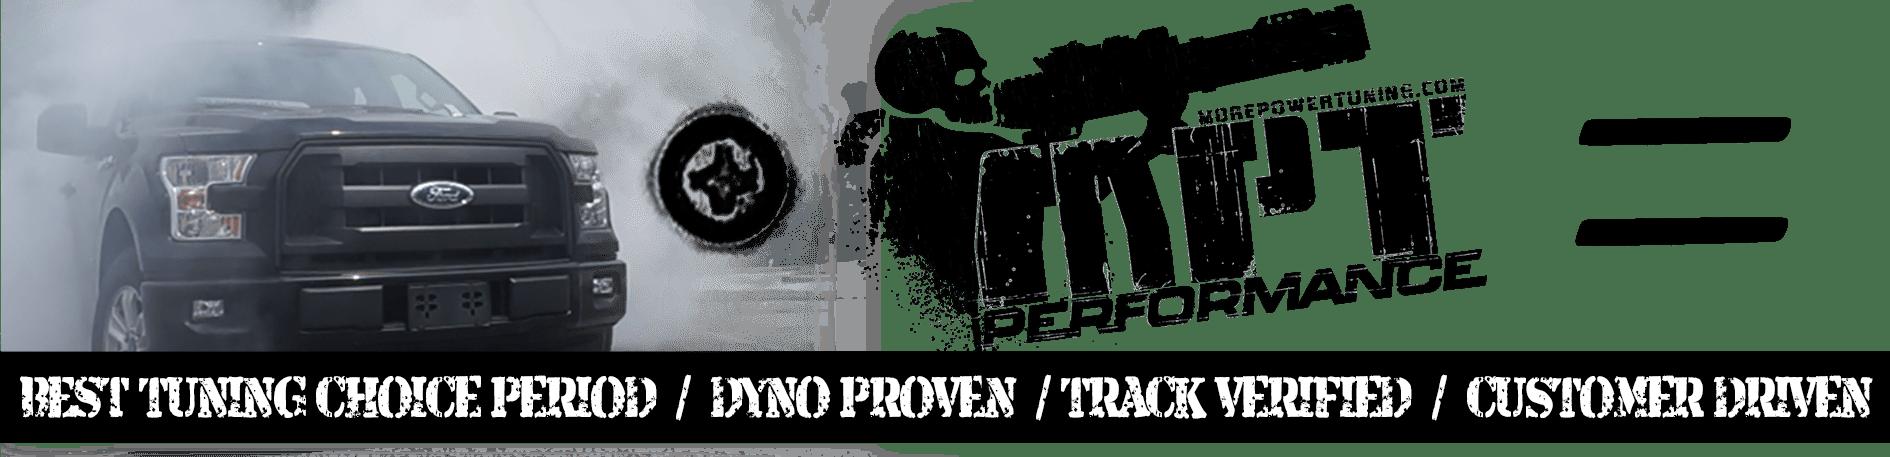 Gen2 Raptor 3 5L Ecoboost - nGauge Tuner and Digital Gauges w/ 3 MPT Tunes